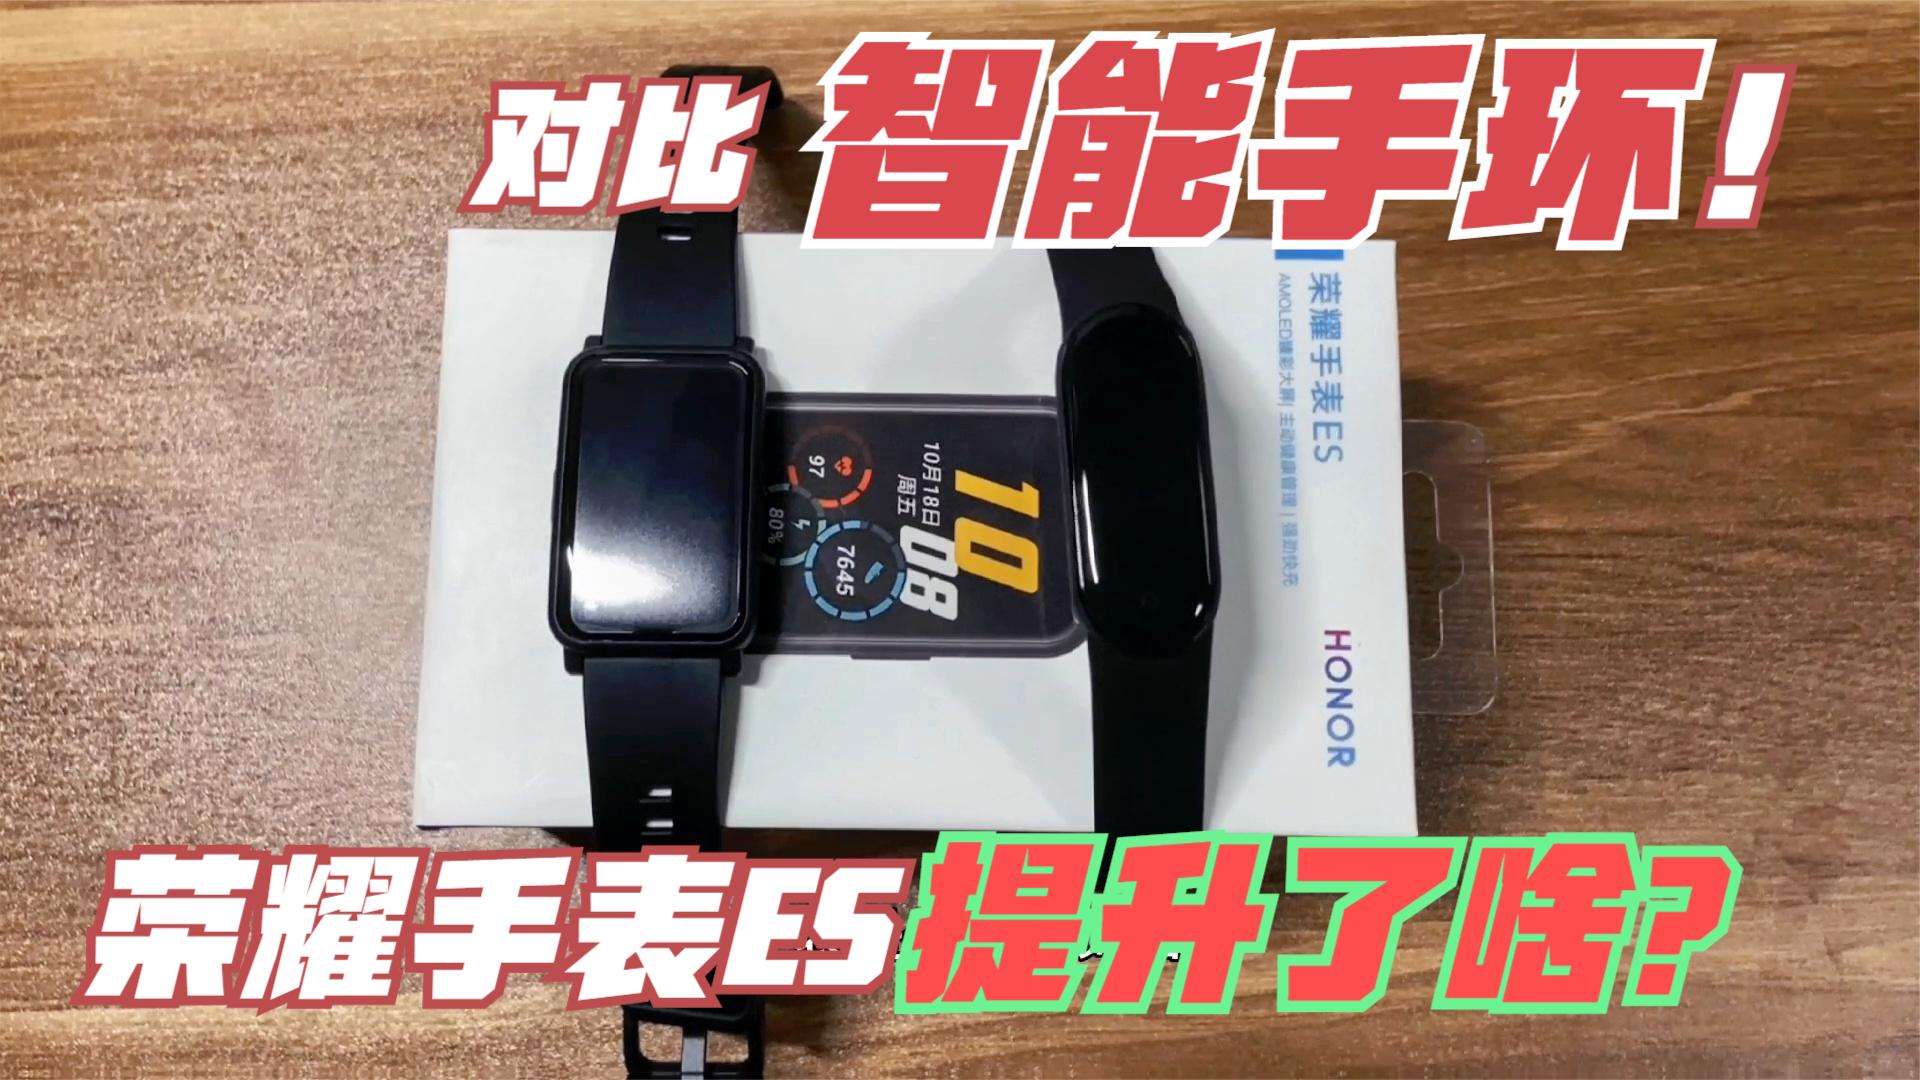 比小米手环5好在哪?荣耀智能手表ES深度开箱评测:颜值翻了十倍